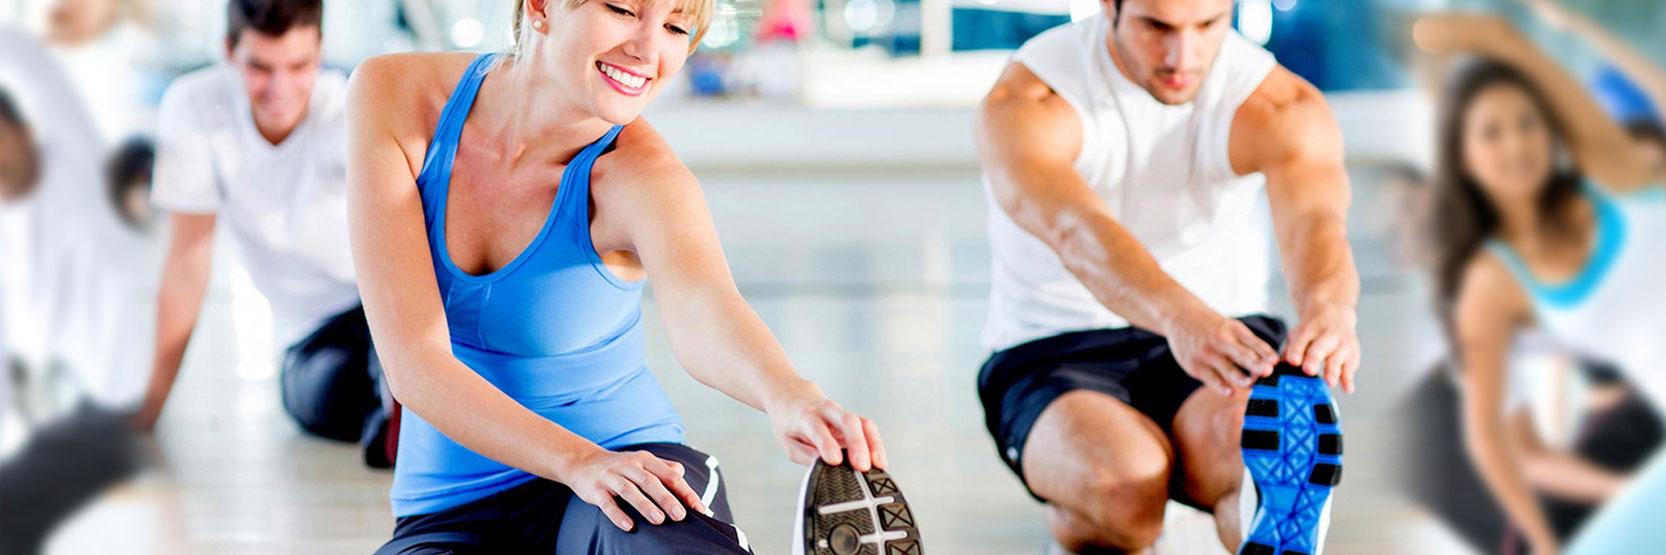 تعرف على عناصر اللياقة البدنية وما فائدتها